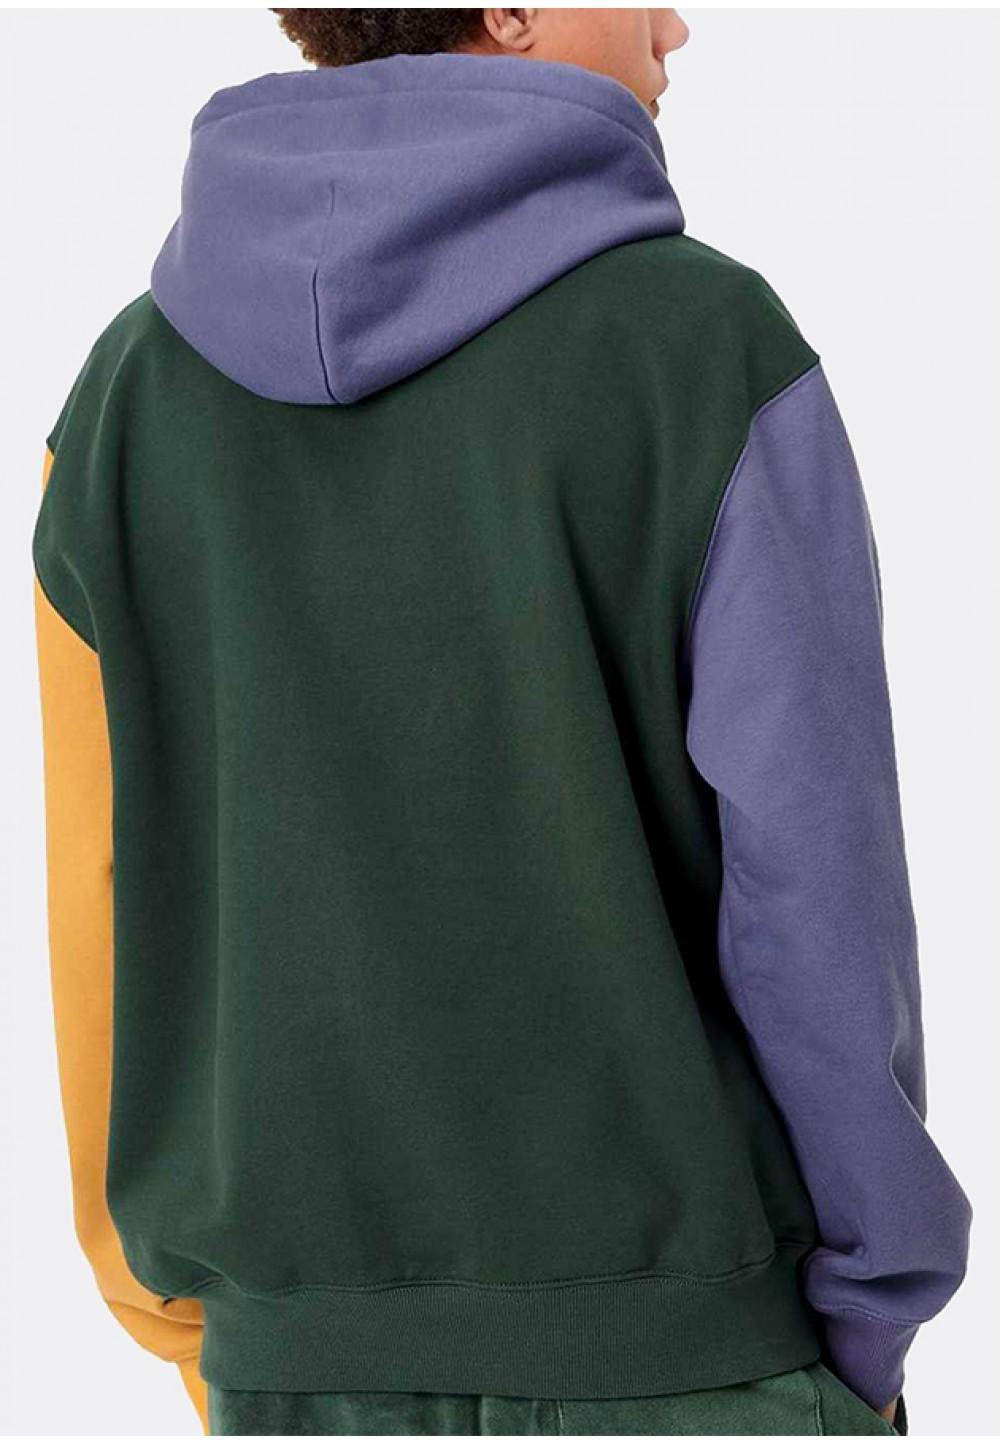 Теплый худи с капюшоном и цветными рукавами